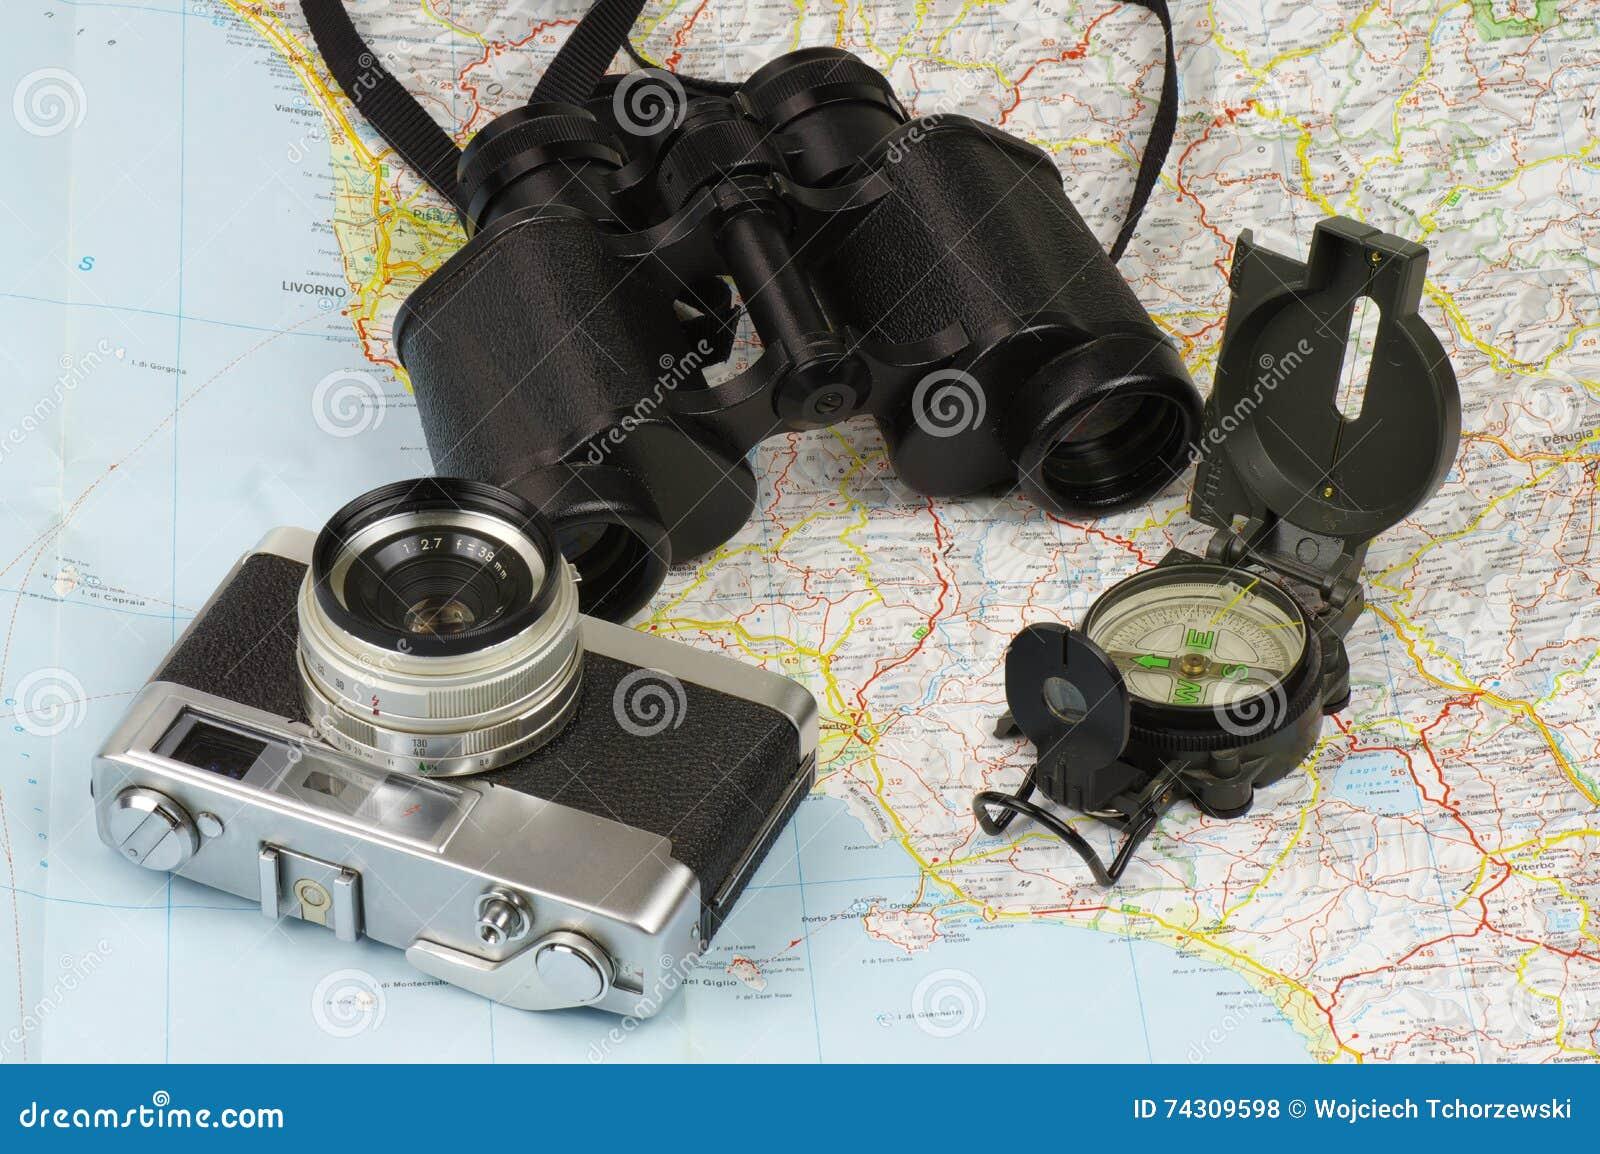 Ferngläser kompass kamera und karte stockfoto bild von roam